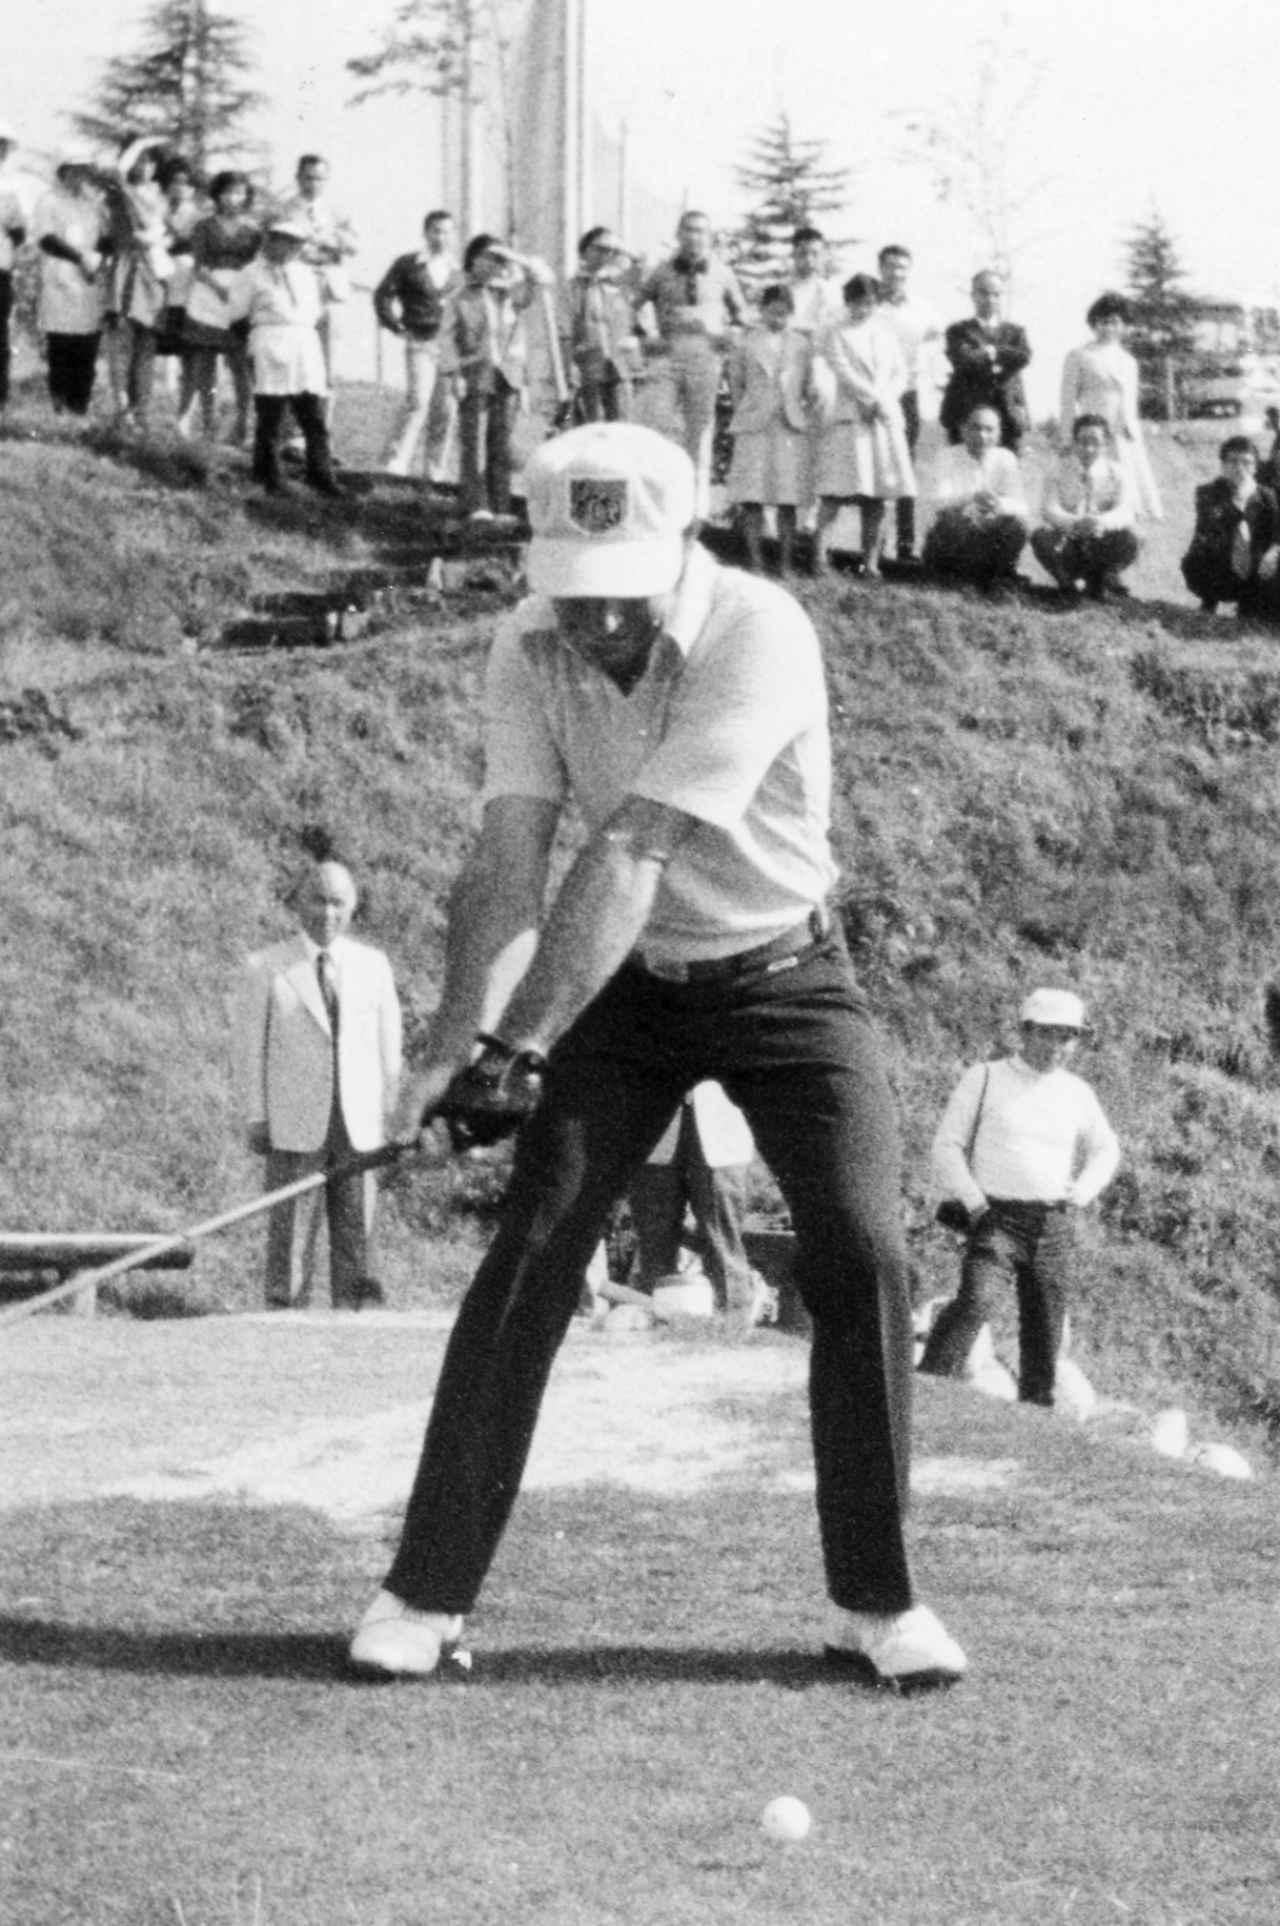 画像2: 【南アのゴルフ遺伝子Vol.2】ゲーリー・プレーヤーに学ぶこと